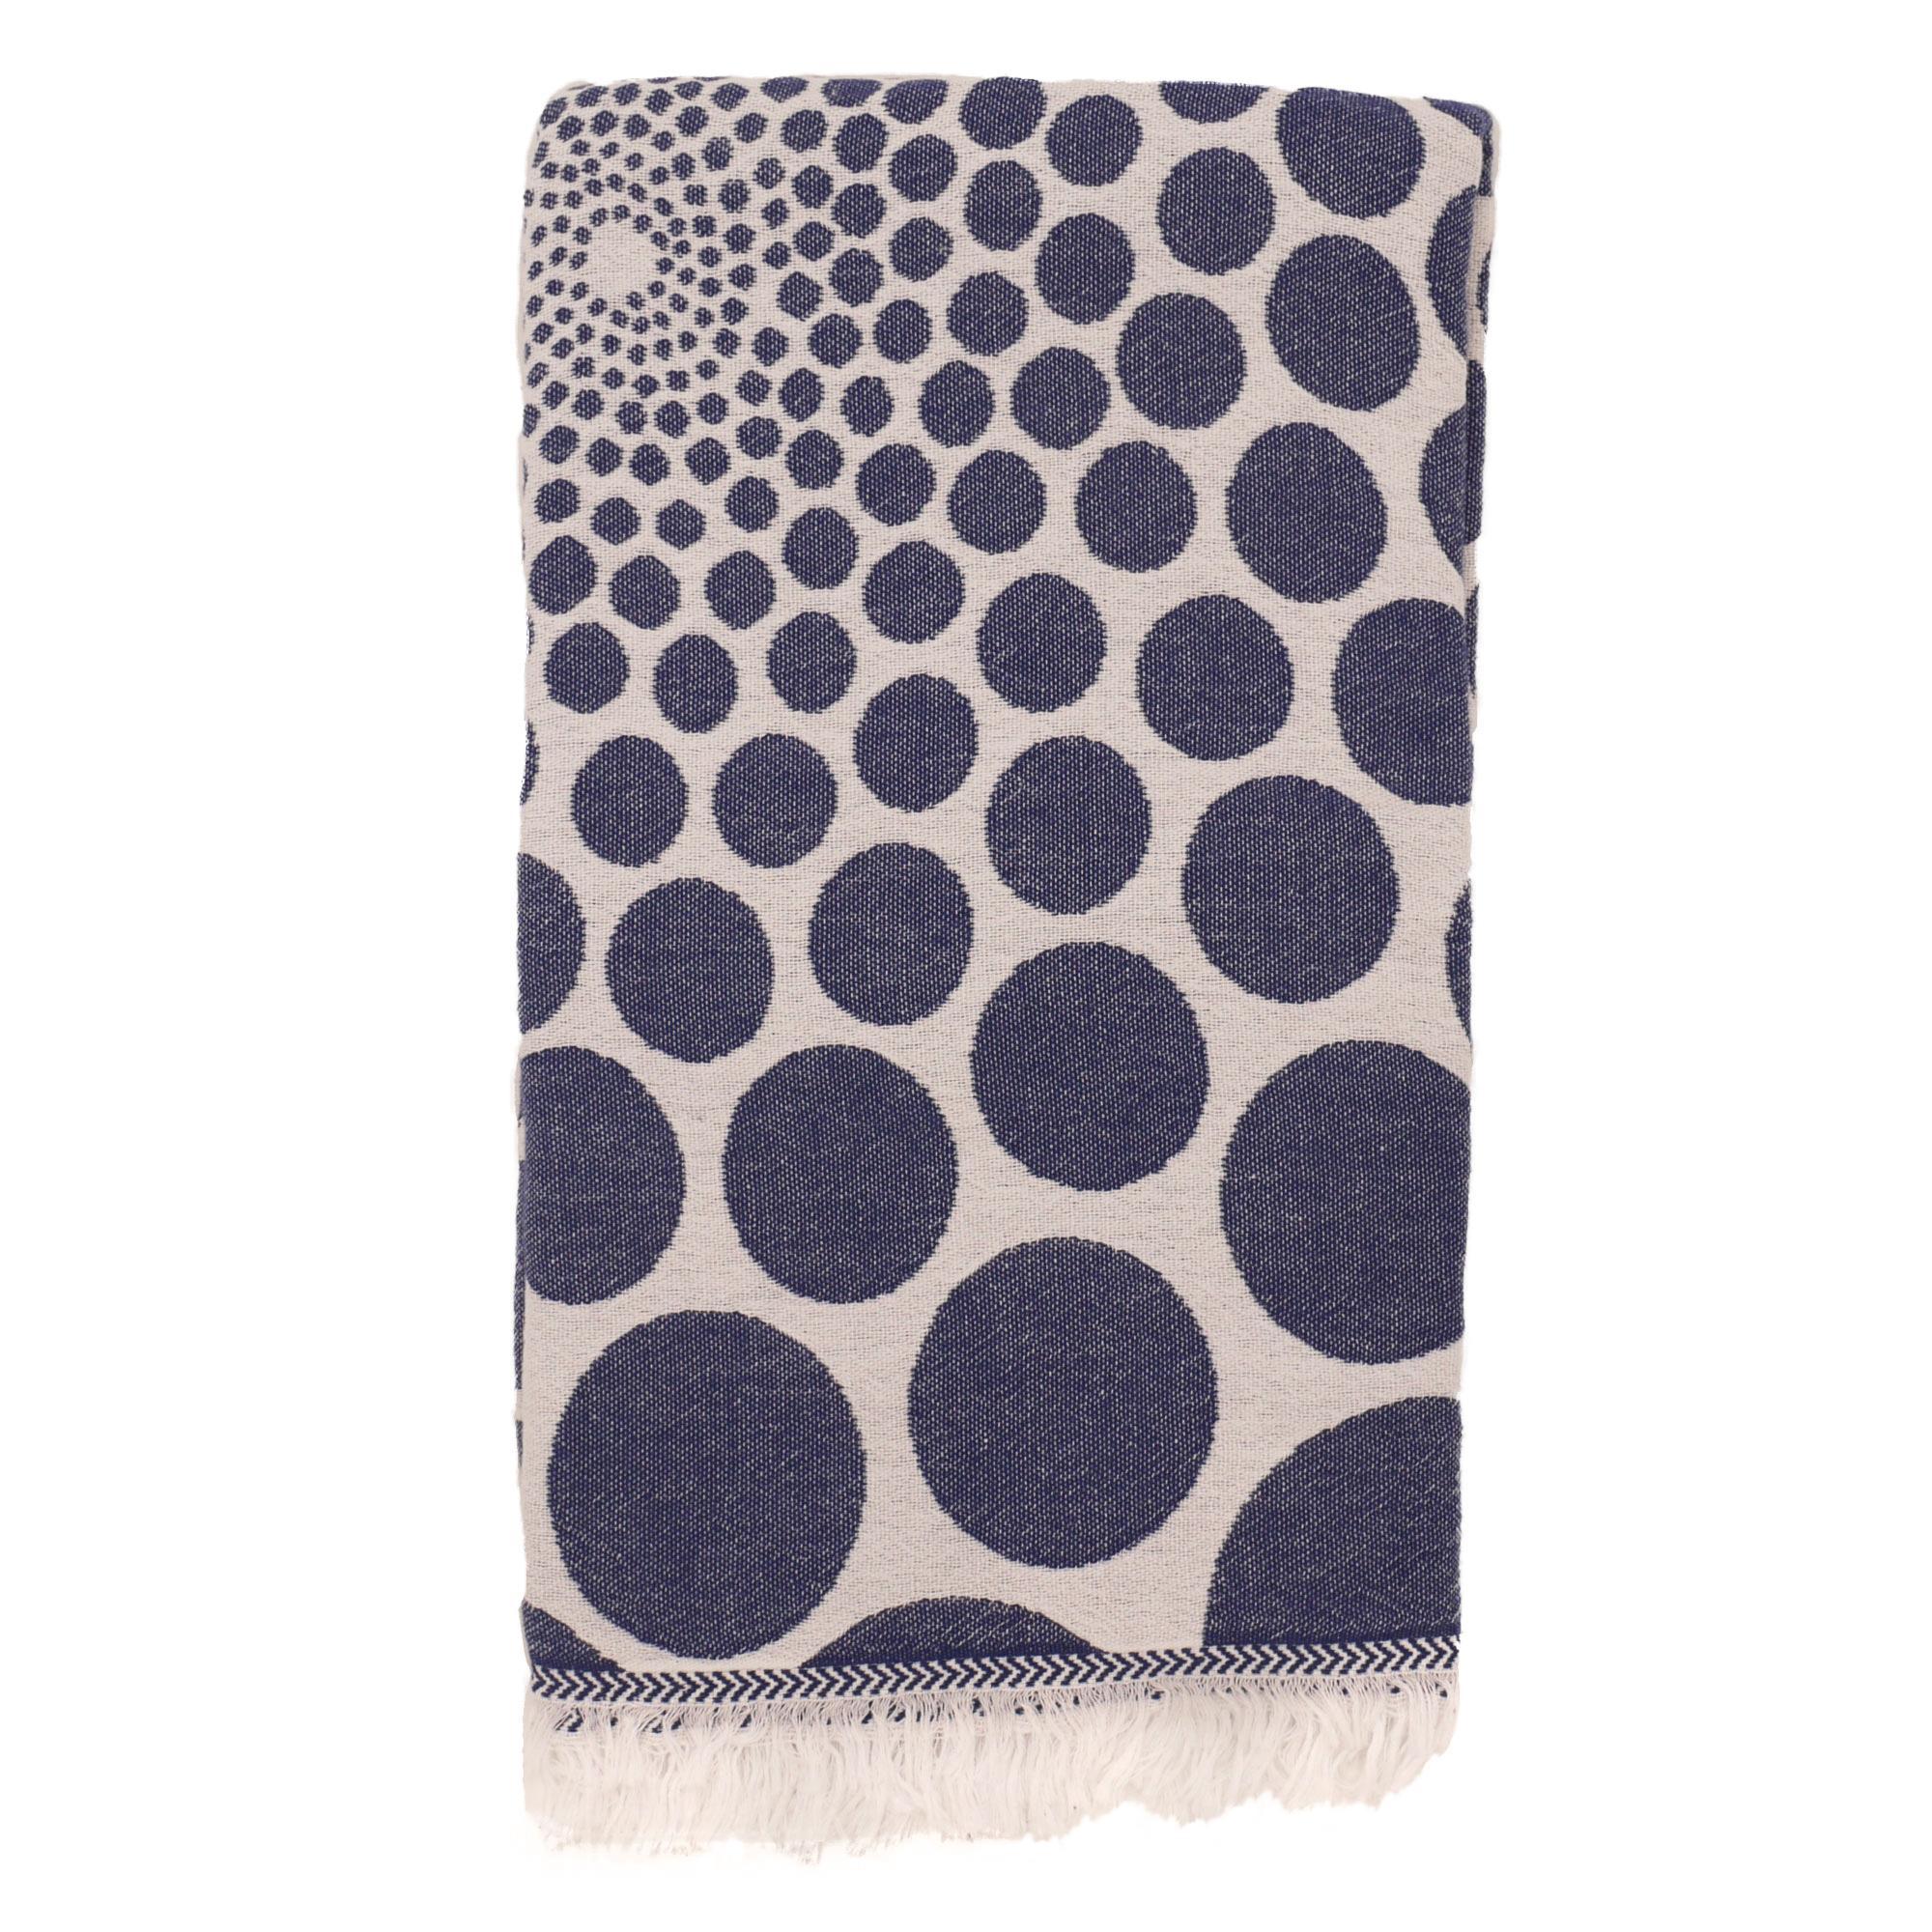 Fouta pois en coton avec franges bleu marine 95x170cm